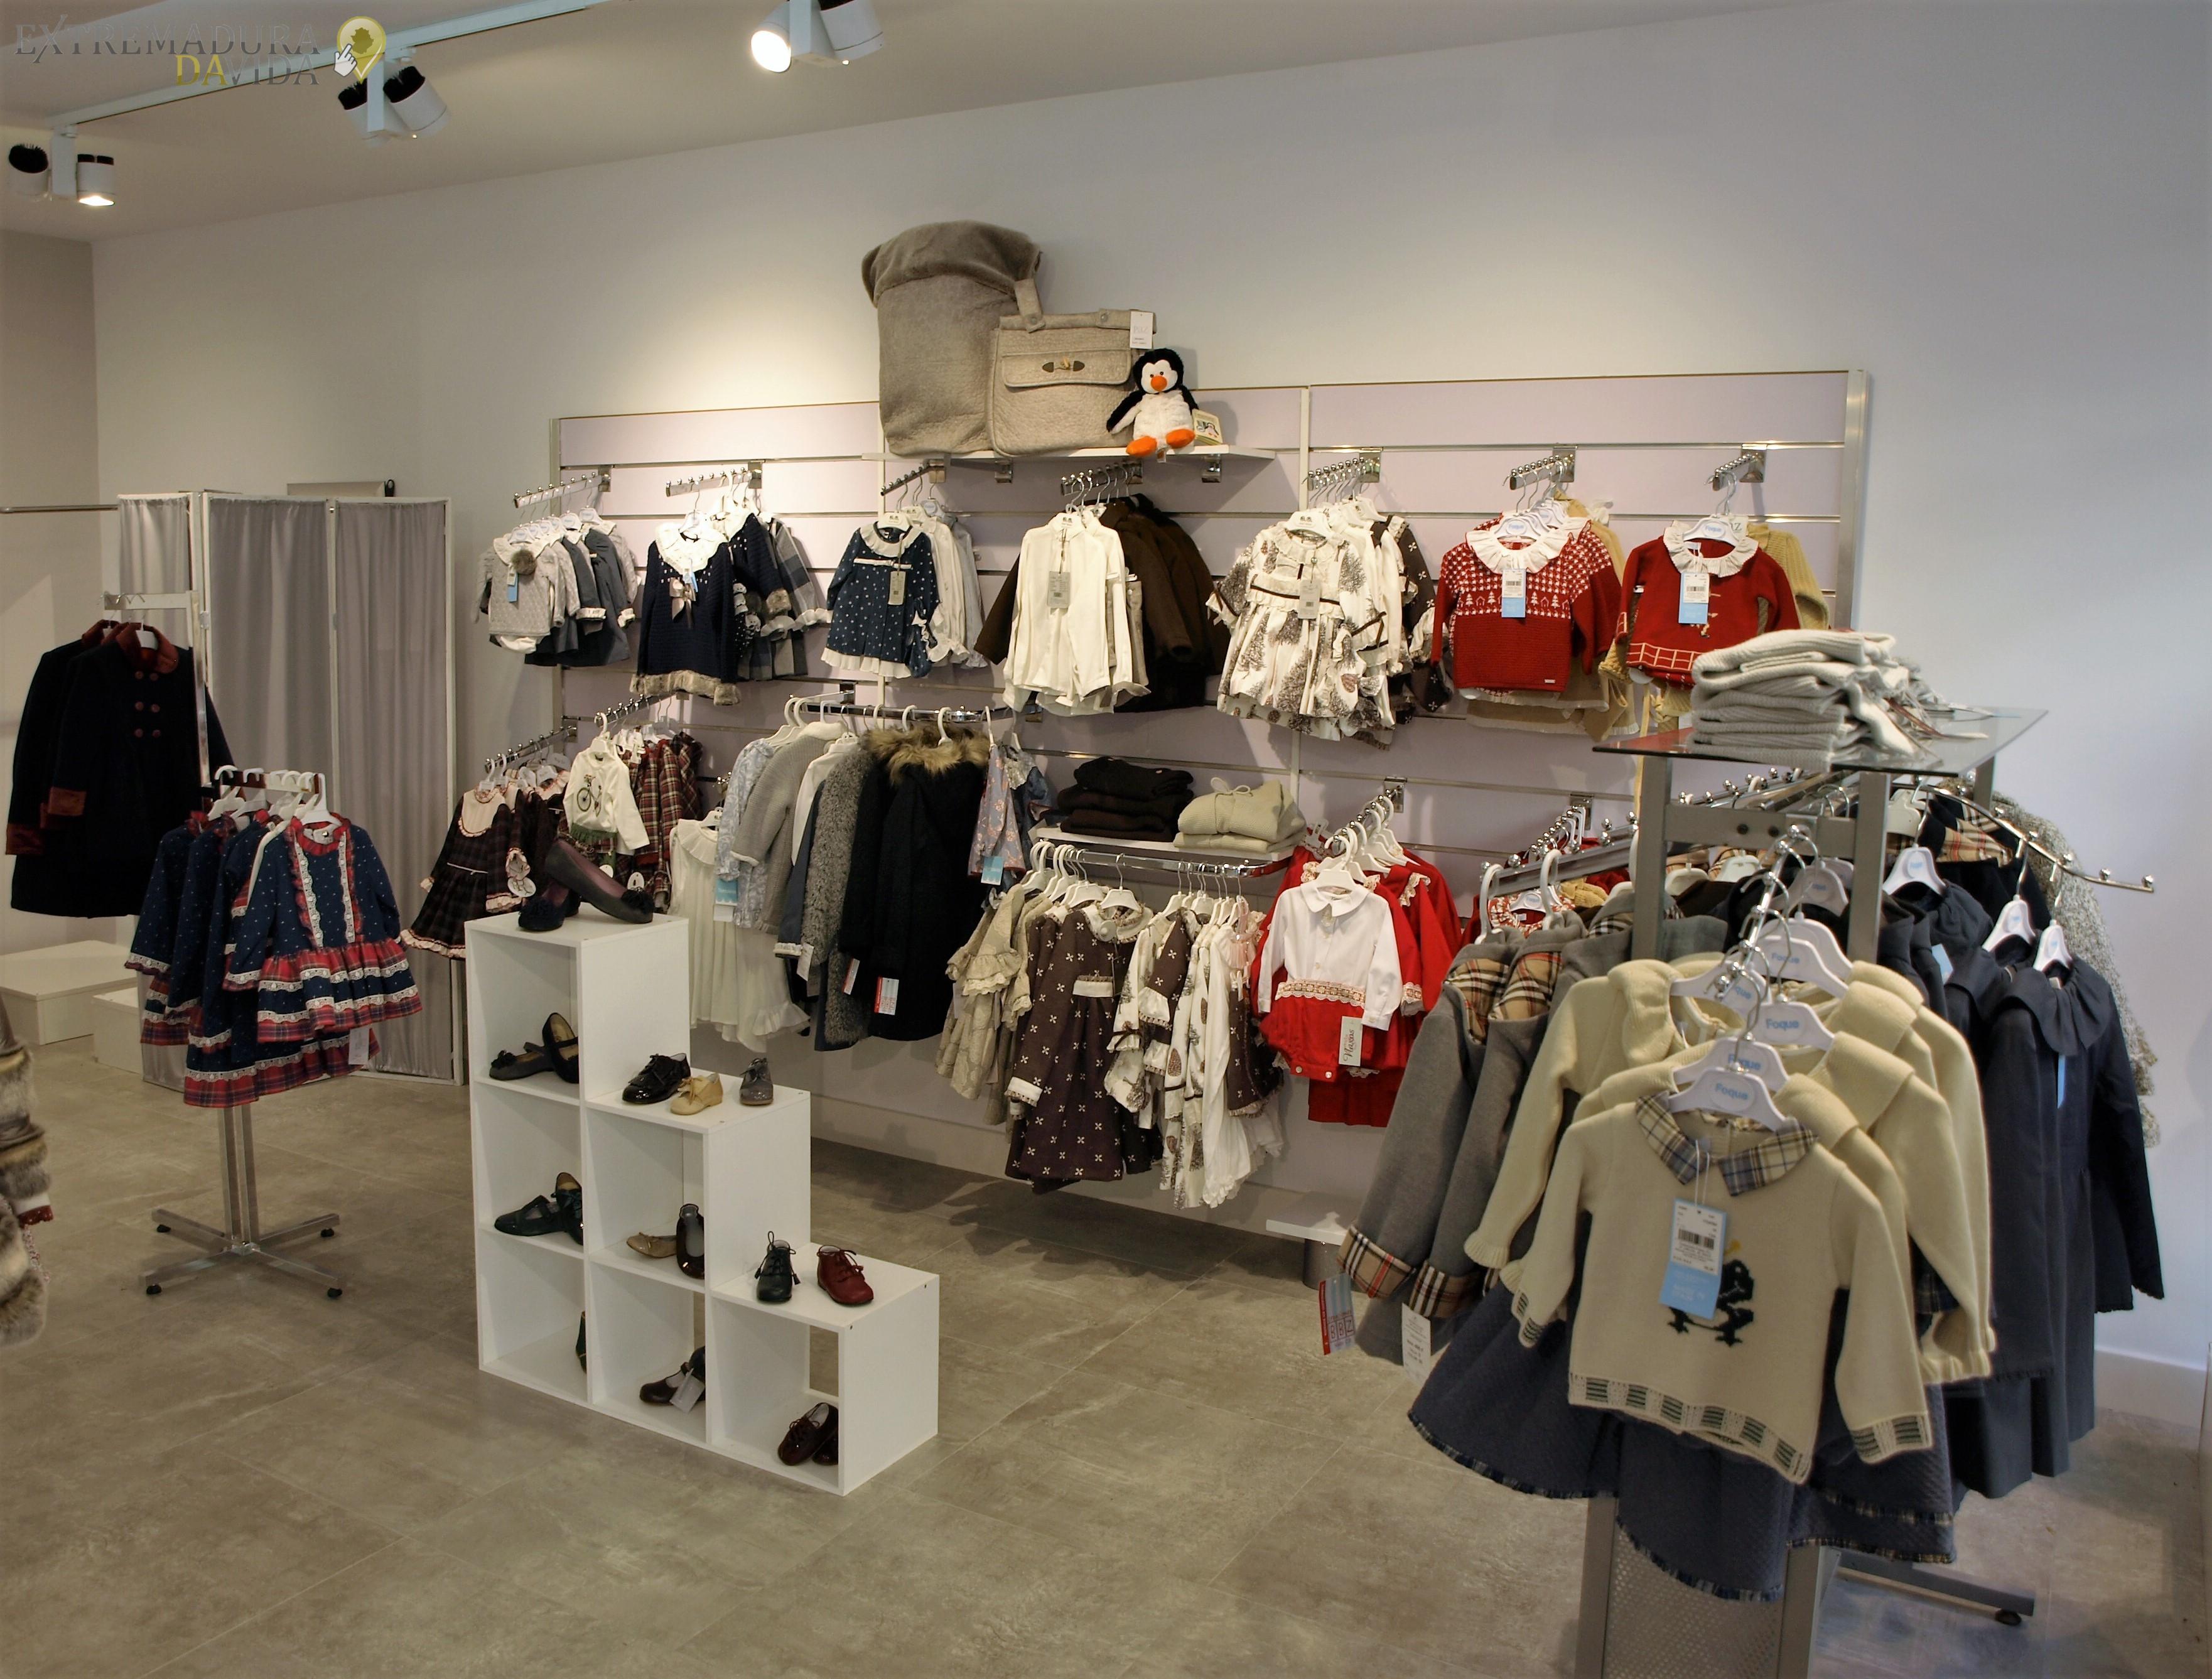 Tienda ropa de bebes infantil Cáceres Catapum